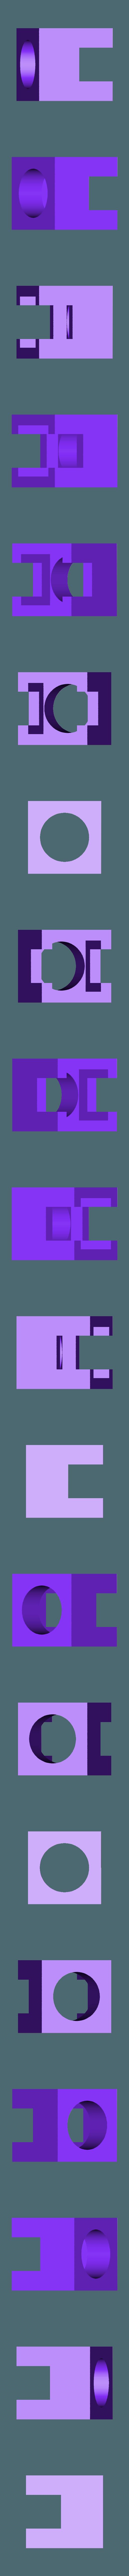 Button_Support.STL Télécharger fichier STL gratuit Nettoyant pour panne à souder • Modèle à imprimer en 3D, perinski